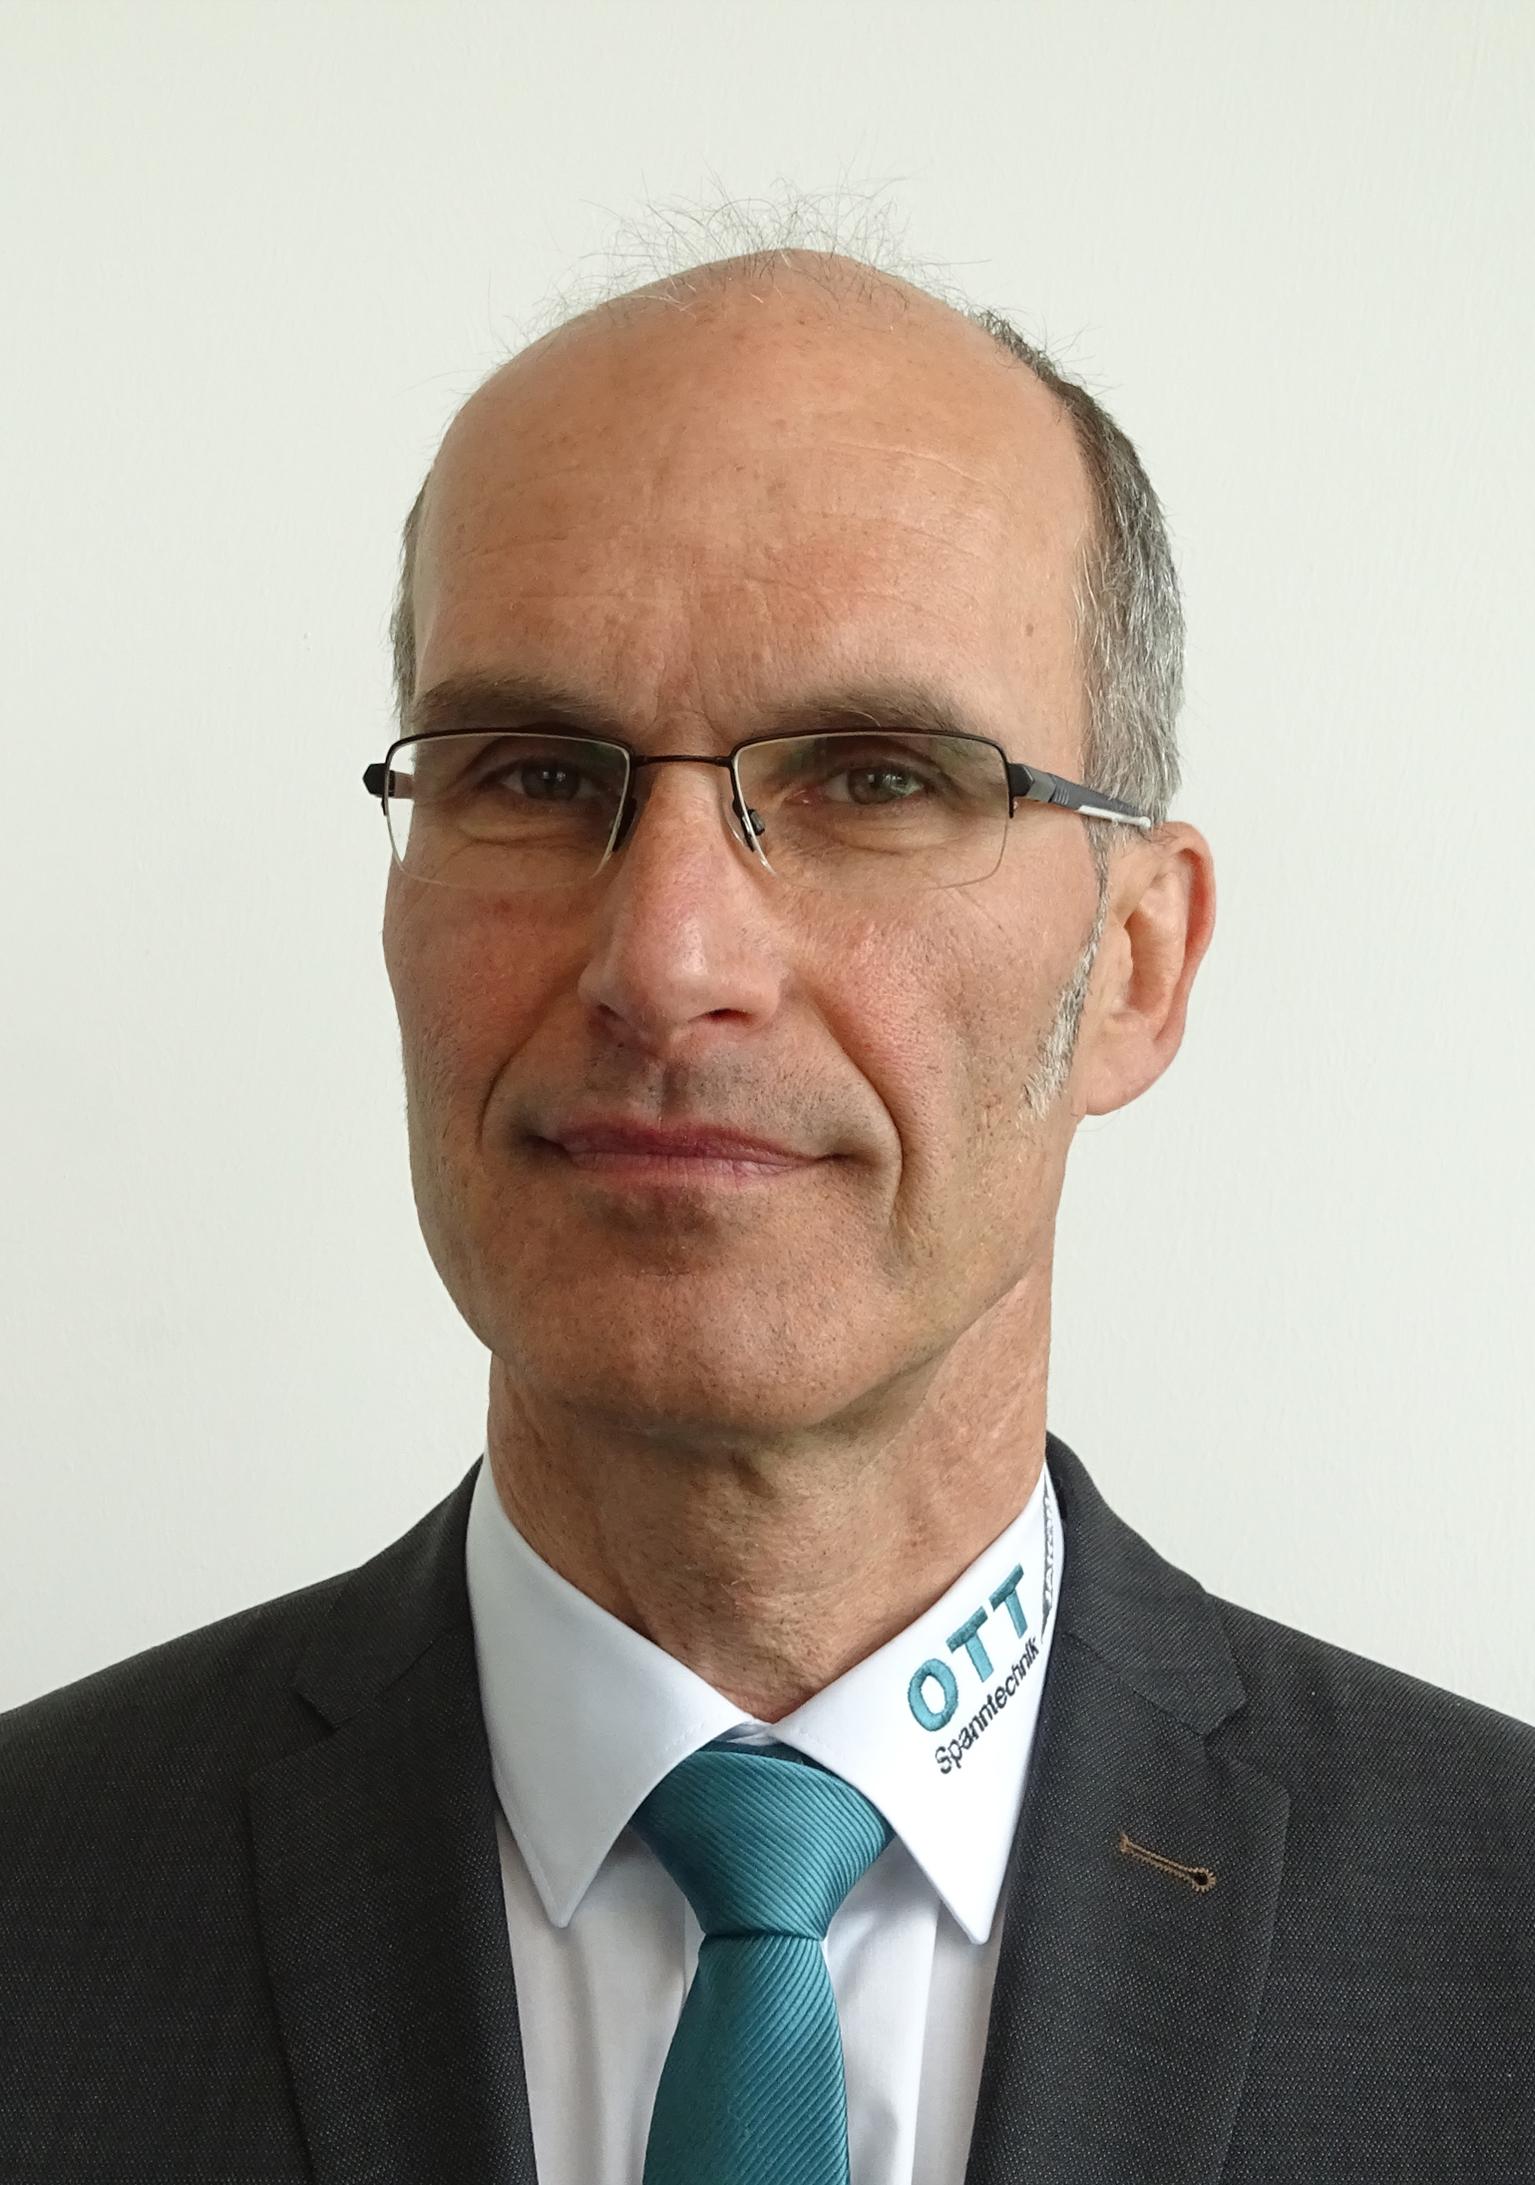 Ott Jakob - Unternehmen - Bild - New Sales Director